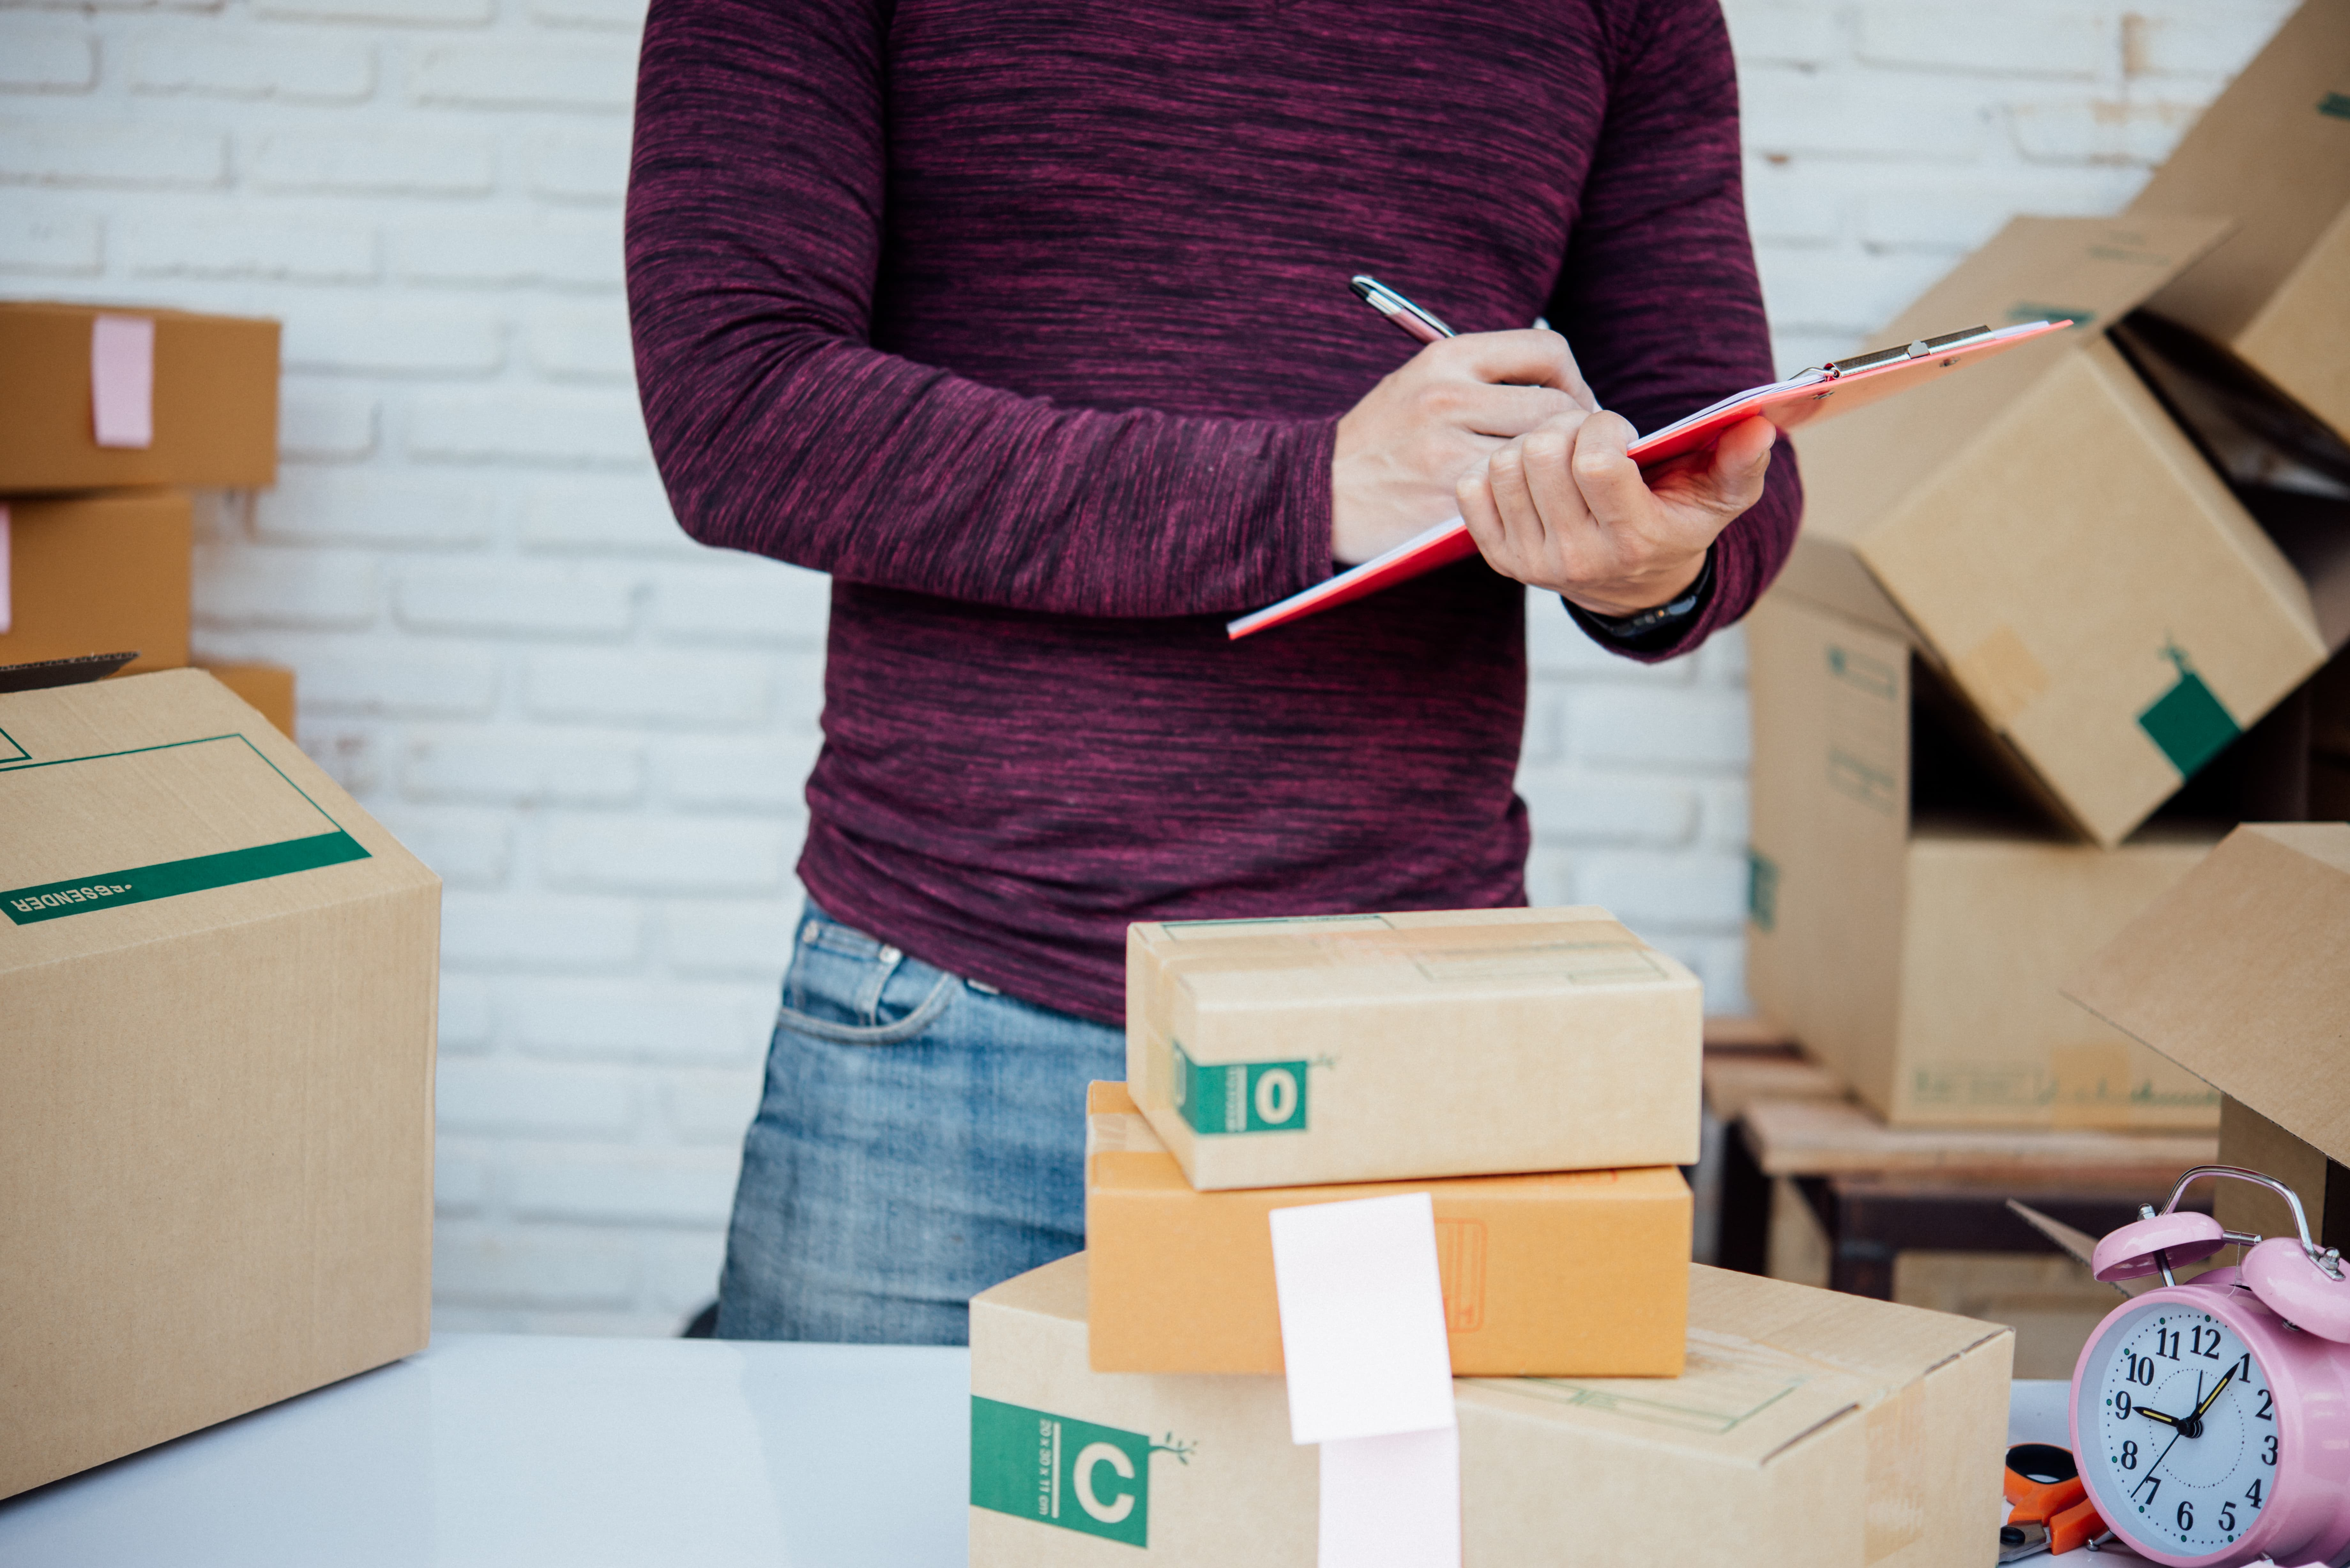 Para garantir investimentos em novas melhorias é preciso controlar os custos logísticos do seu negócio. Quer saber como? Confira em nosso post.